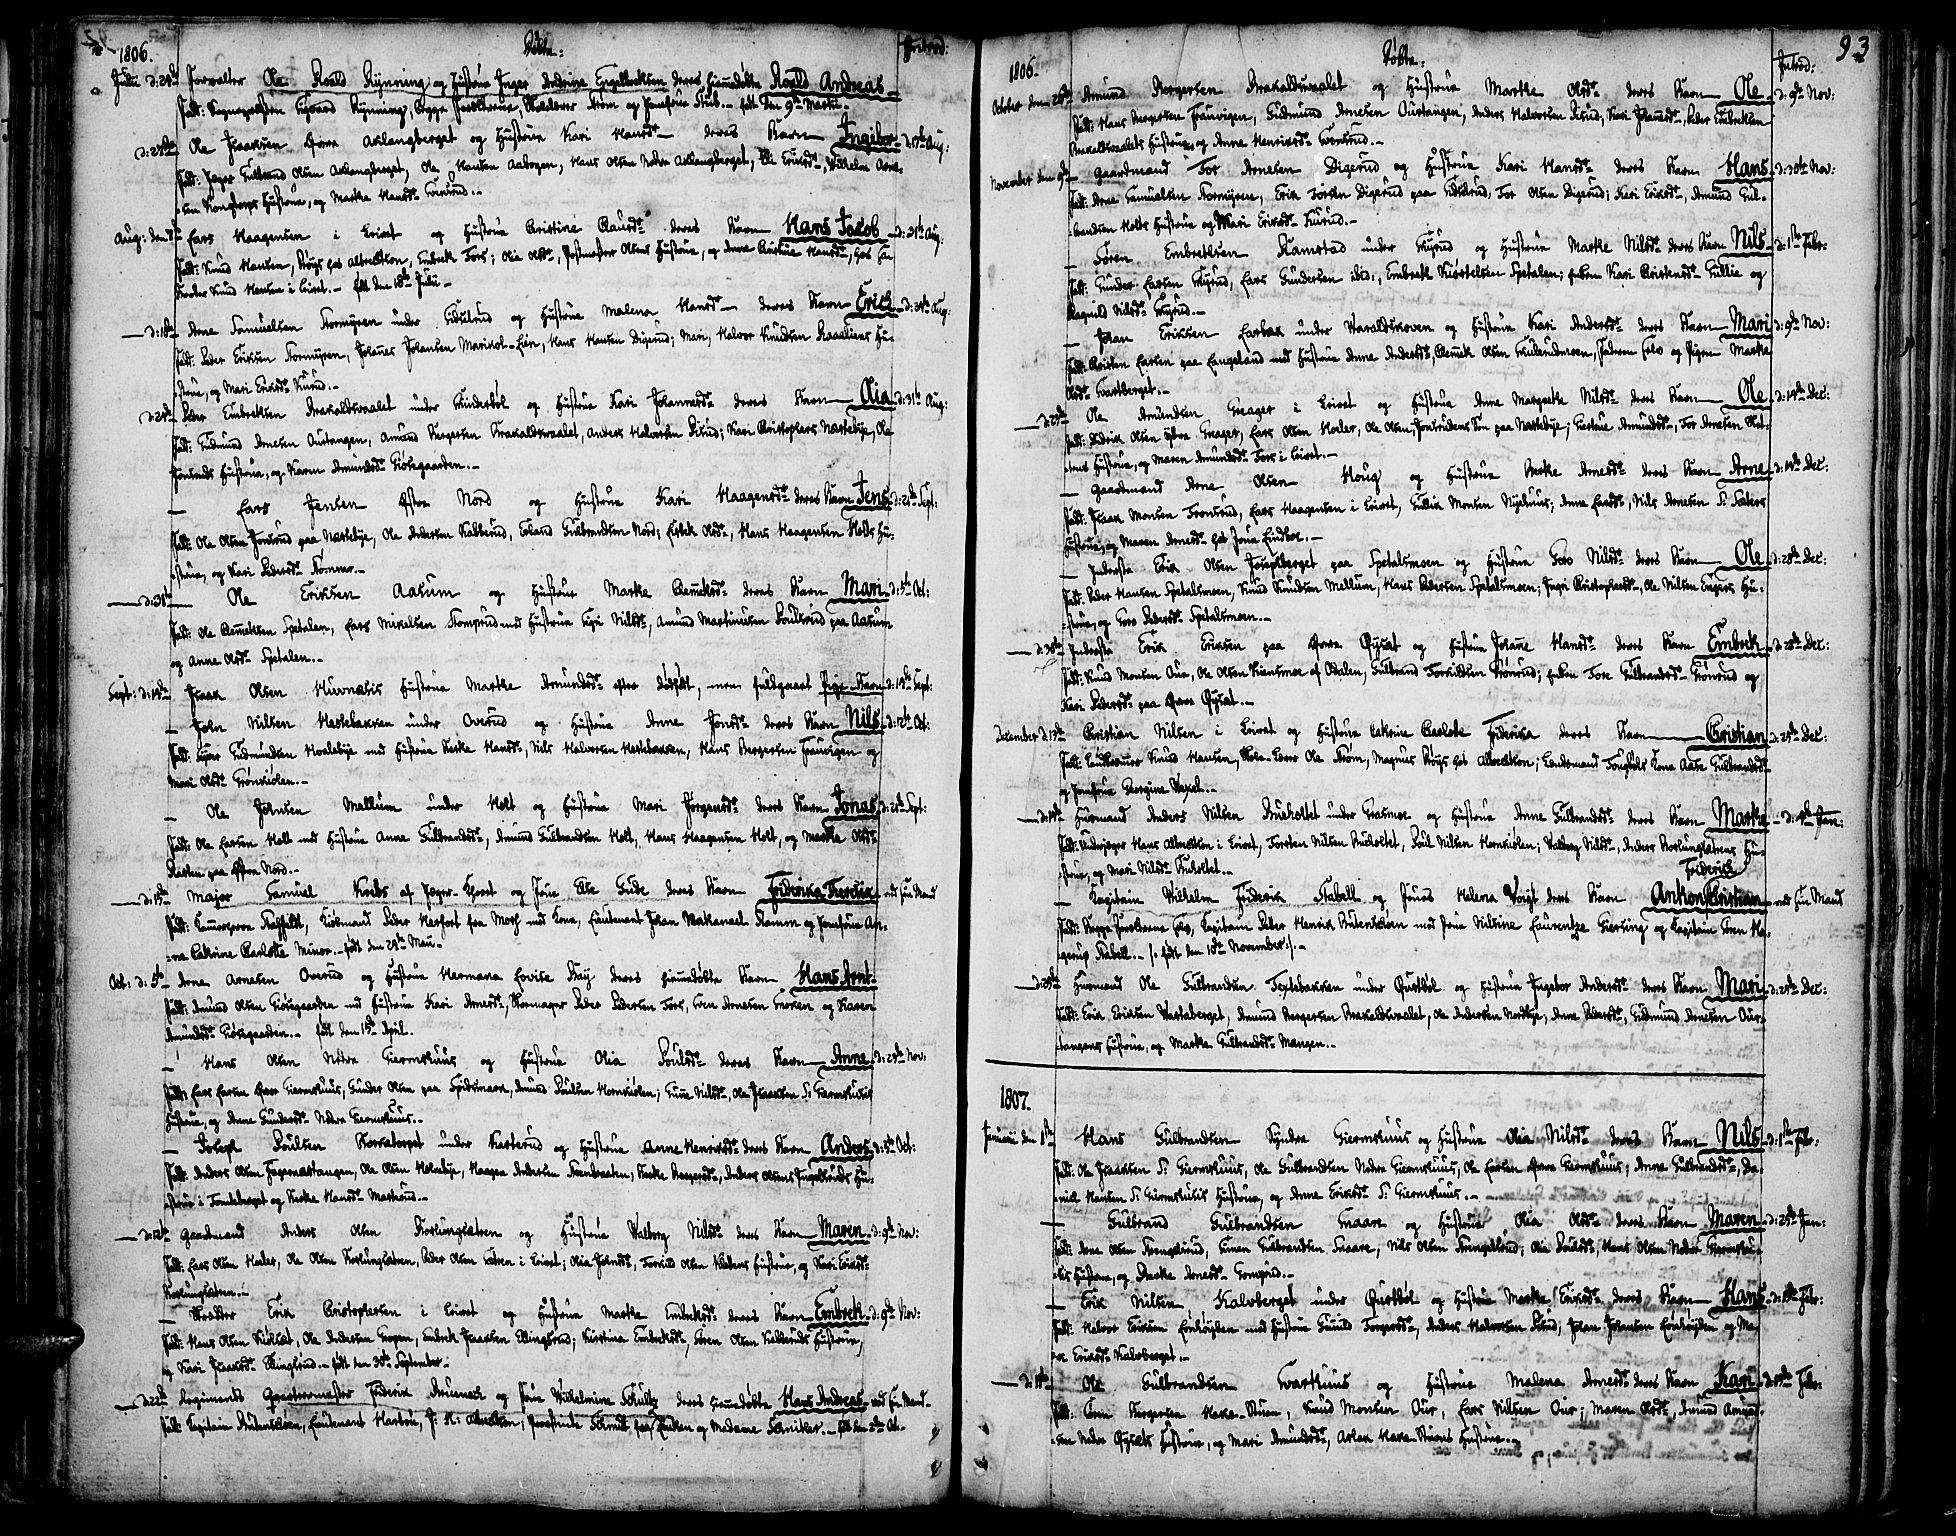 SAH, Vinger prestekontor, Ministerialbok nr. 5, 1772-1813, s. 93